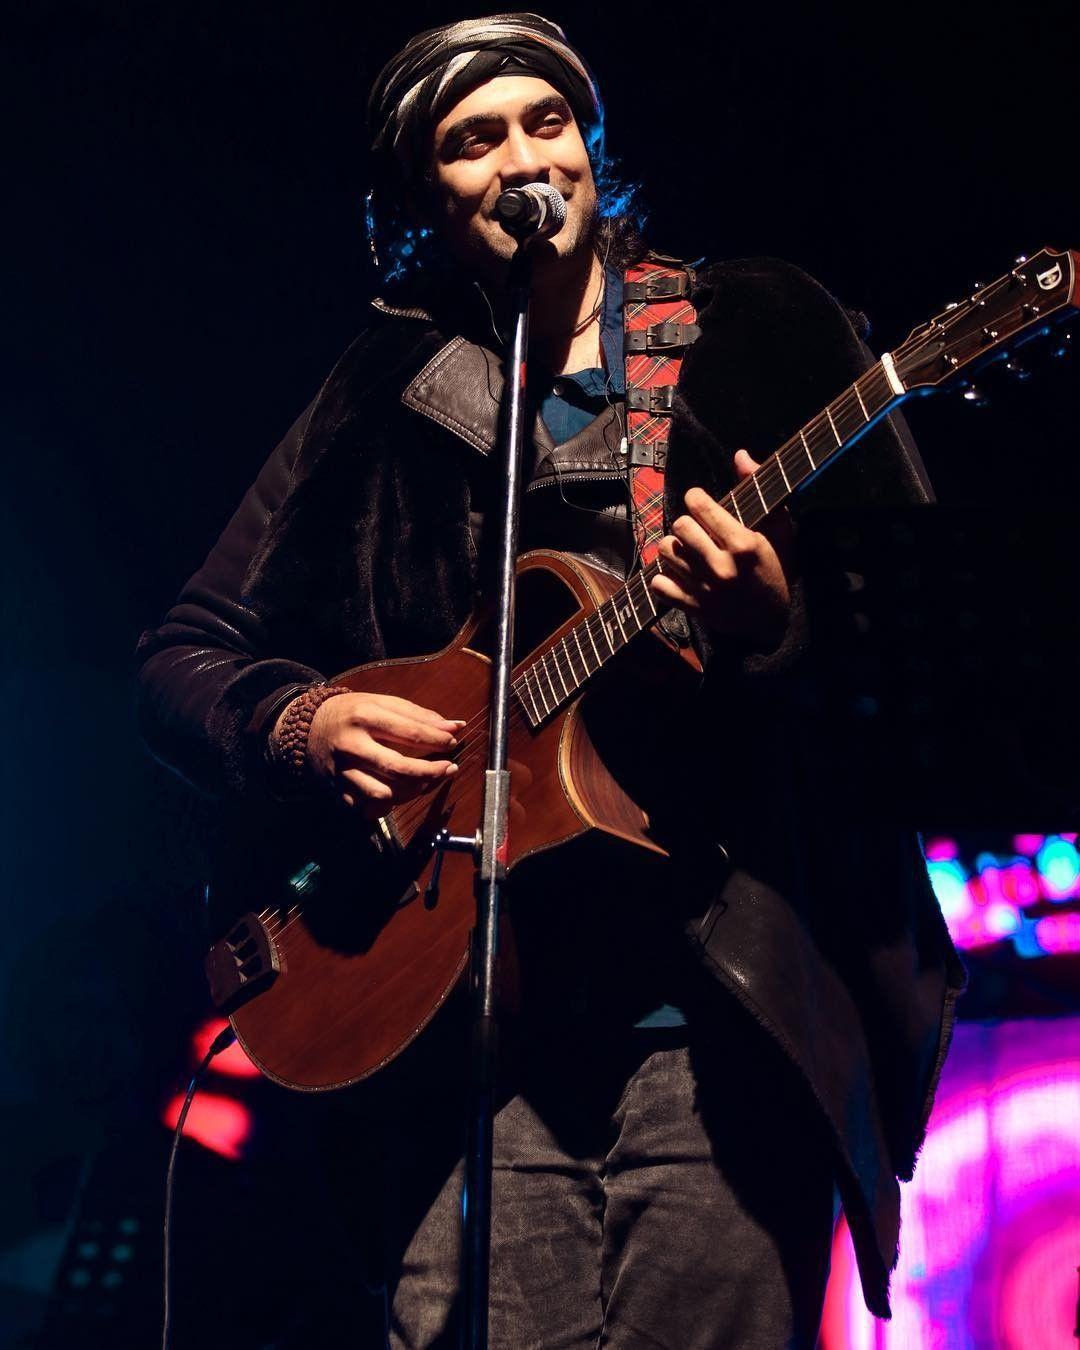 Jubin nautiyal bollywood singer and musicianlive